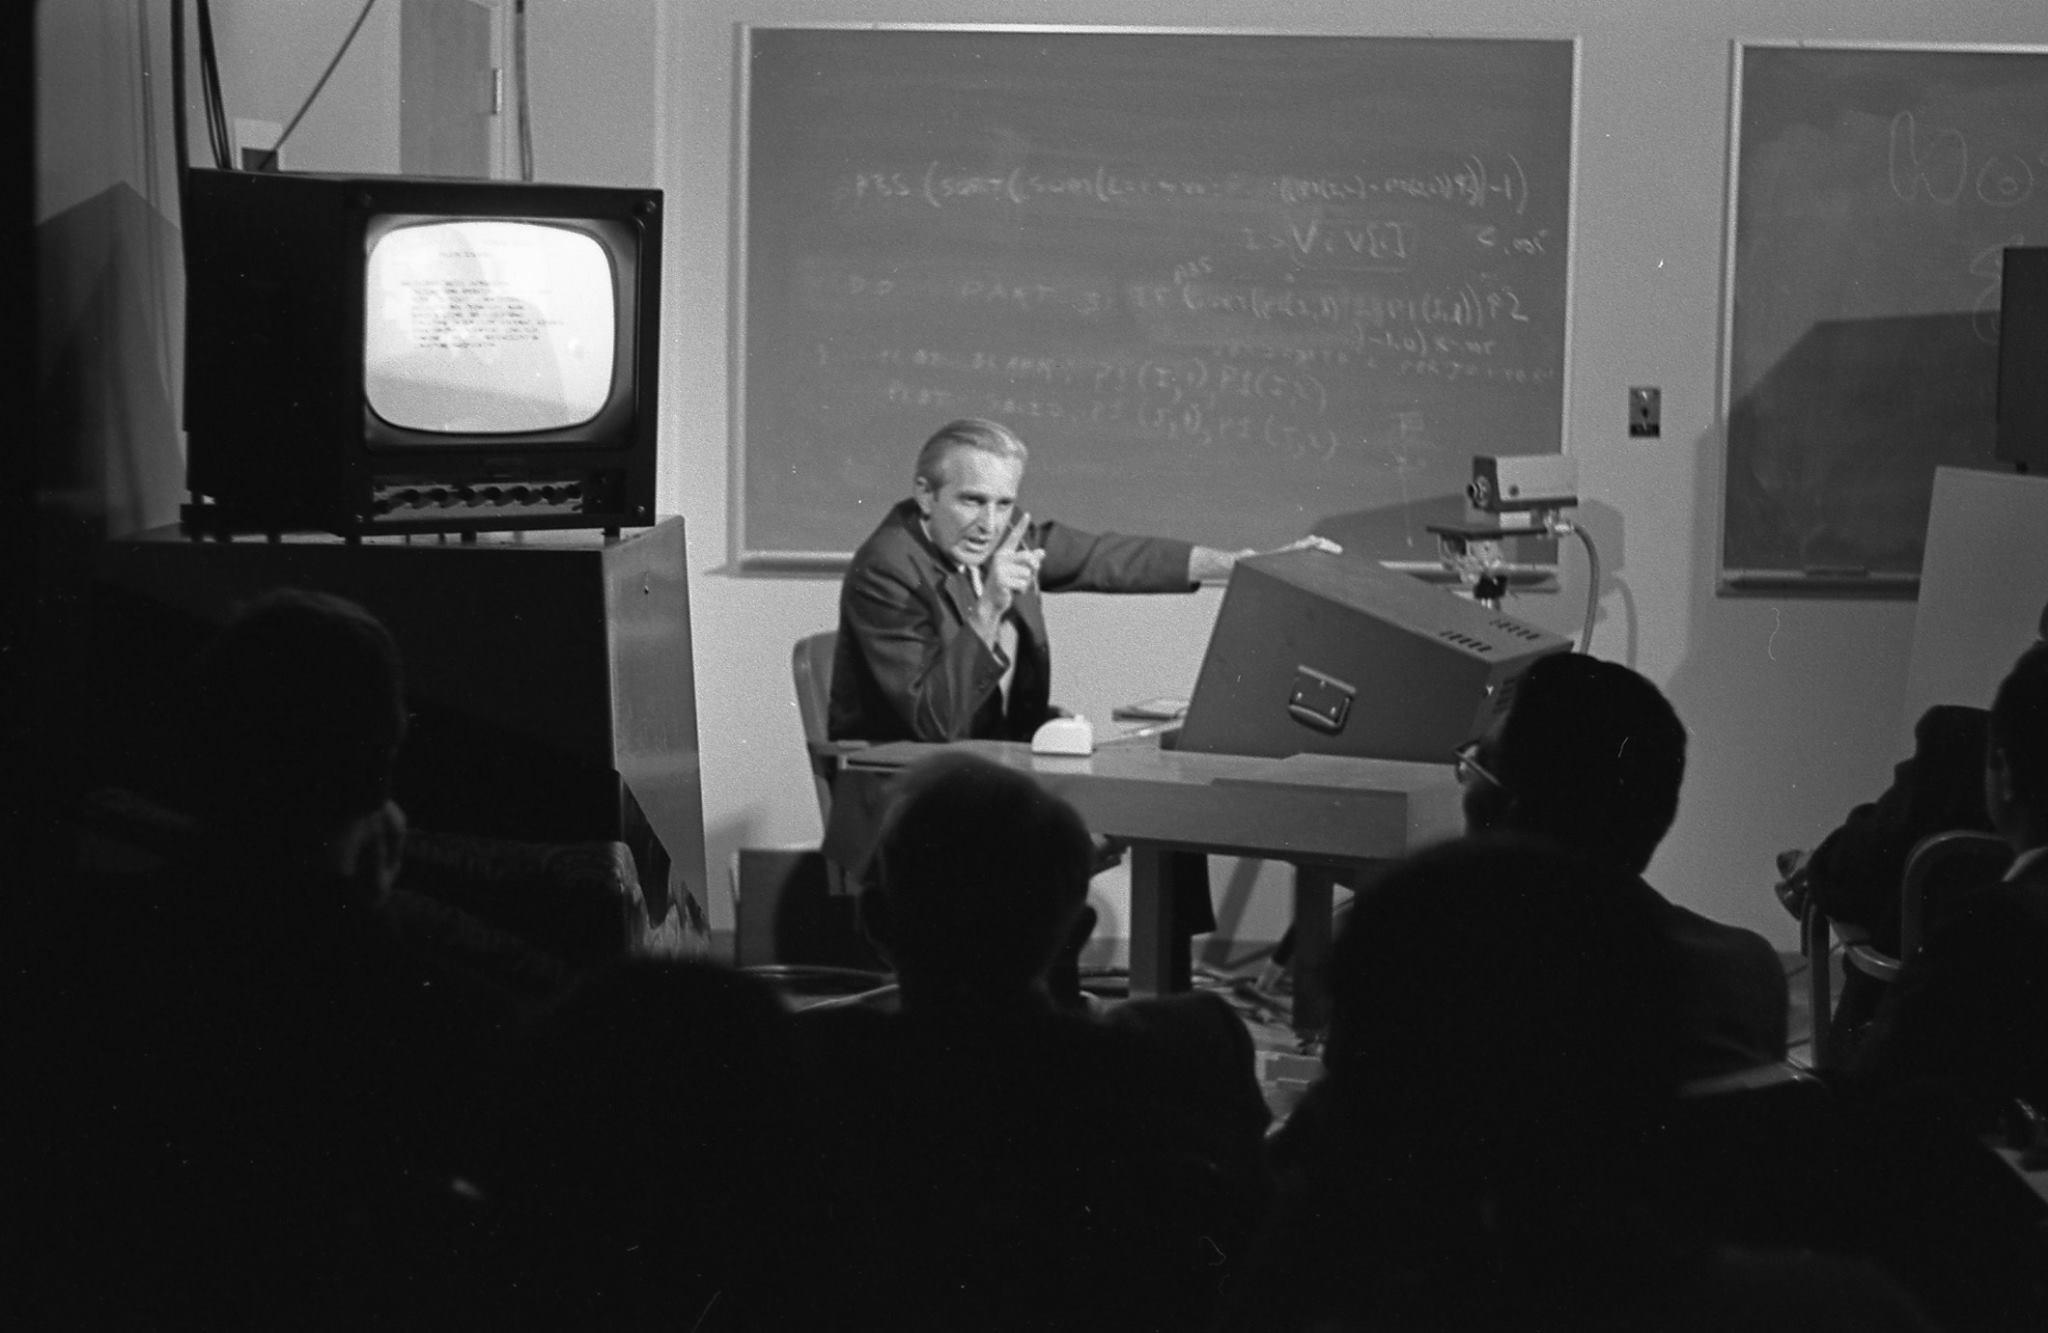 9 декабря 1968 года Дуглас Энгельбарт продемонстрировал публике проект персональных компьютеров, веб-среды икомпьютерной мышки. Это событие стало знаковым для индустрии иэкспертного сообщества тех лет ивошло висторию компьютерной отрасли под названием «Мать всех демонстраций».